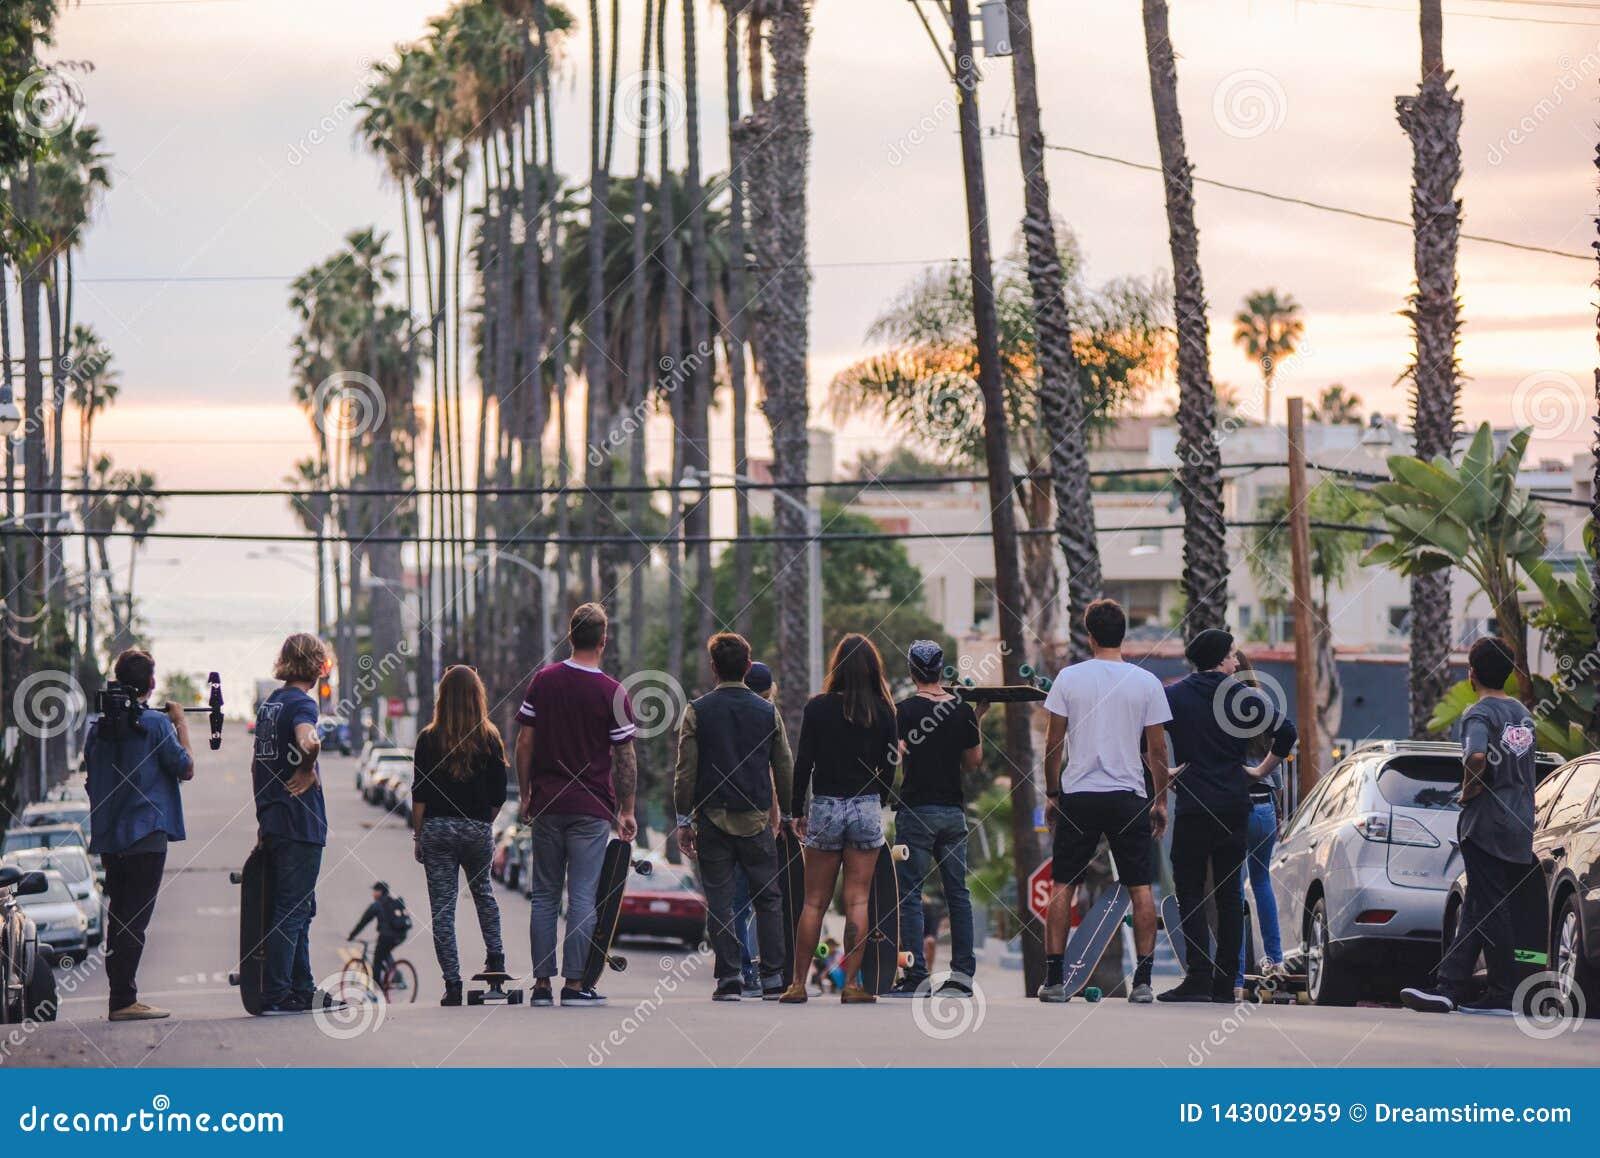 Skateres cerca de Venice Beach en la puesta del sol